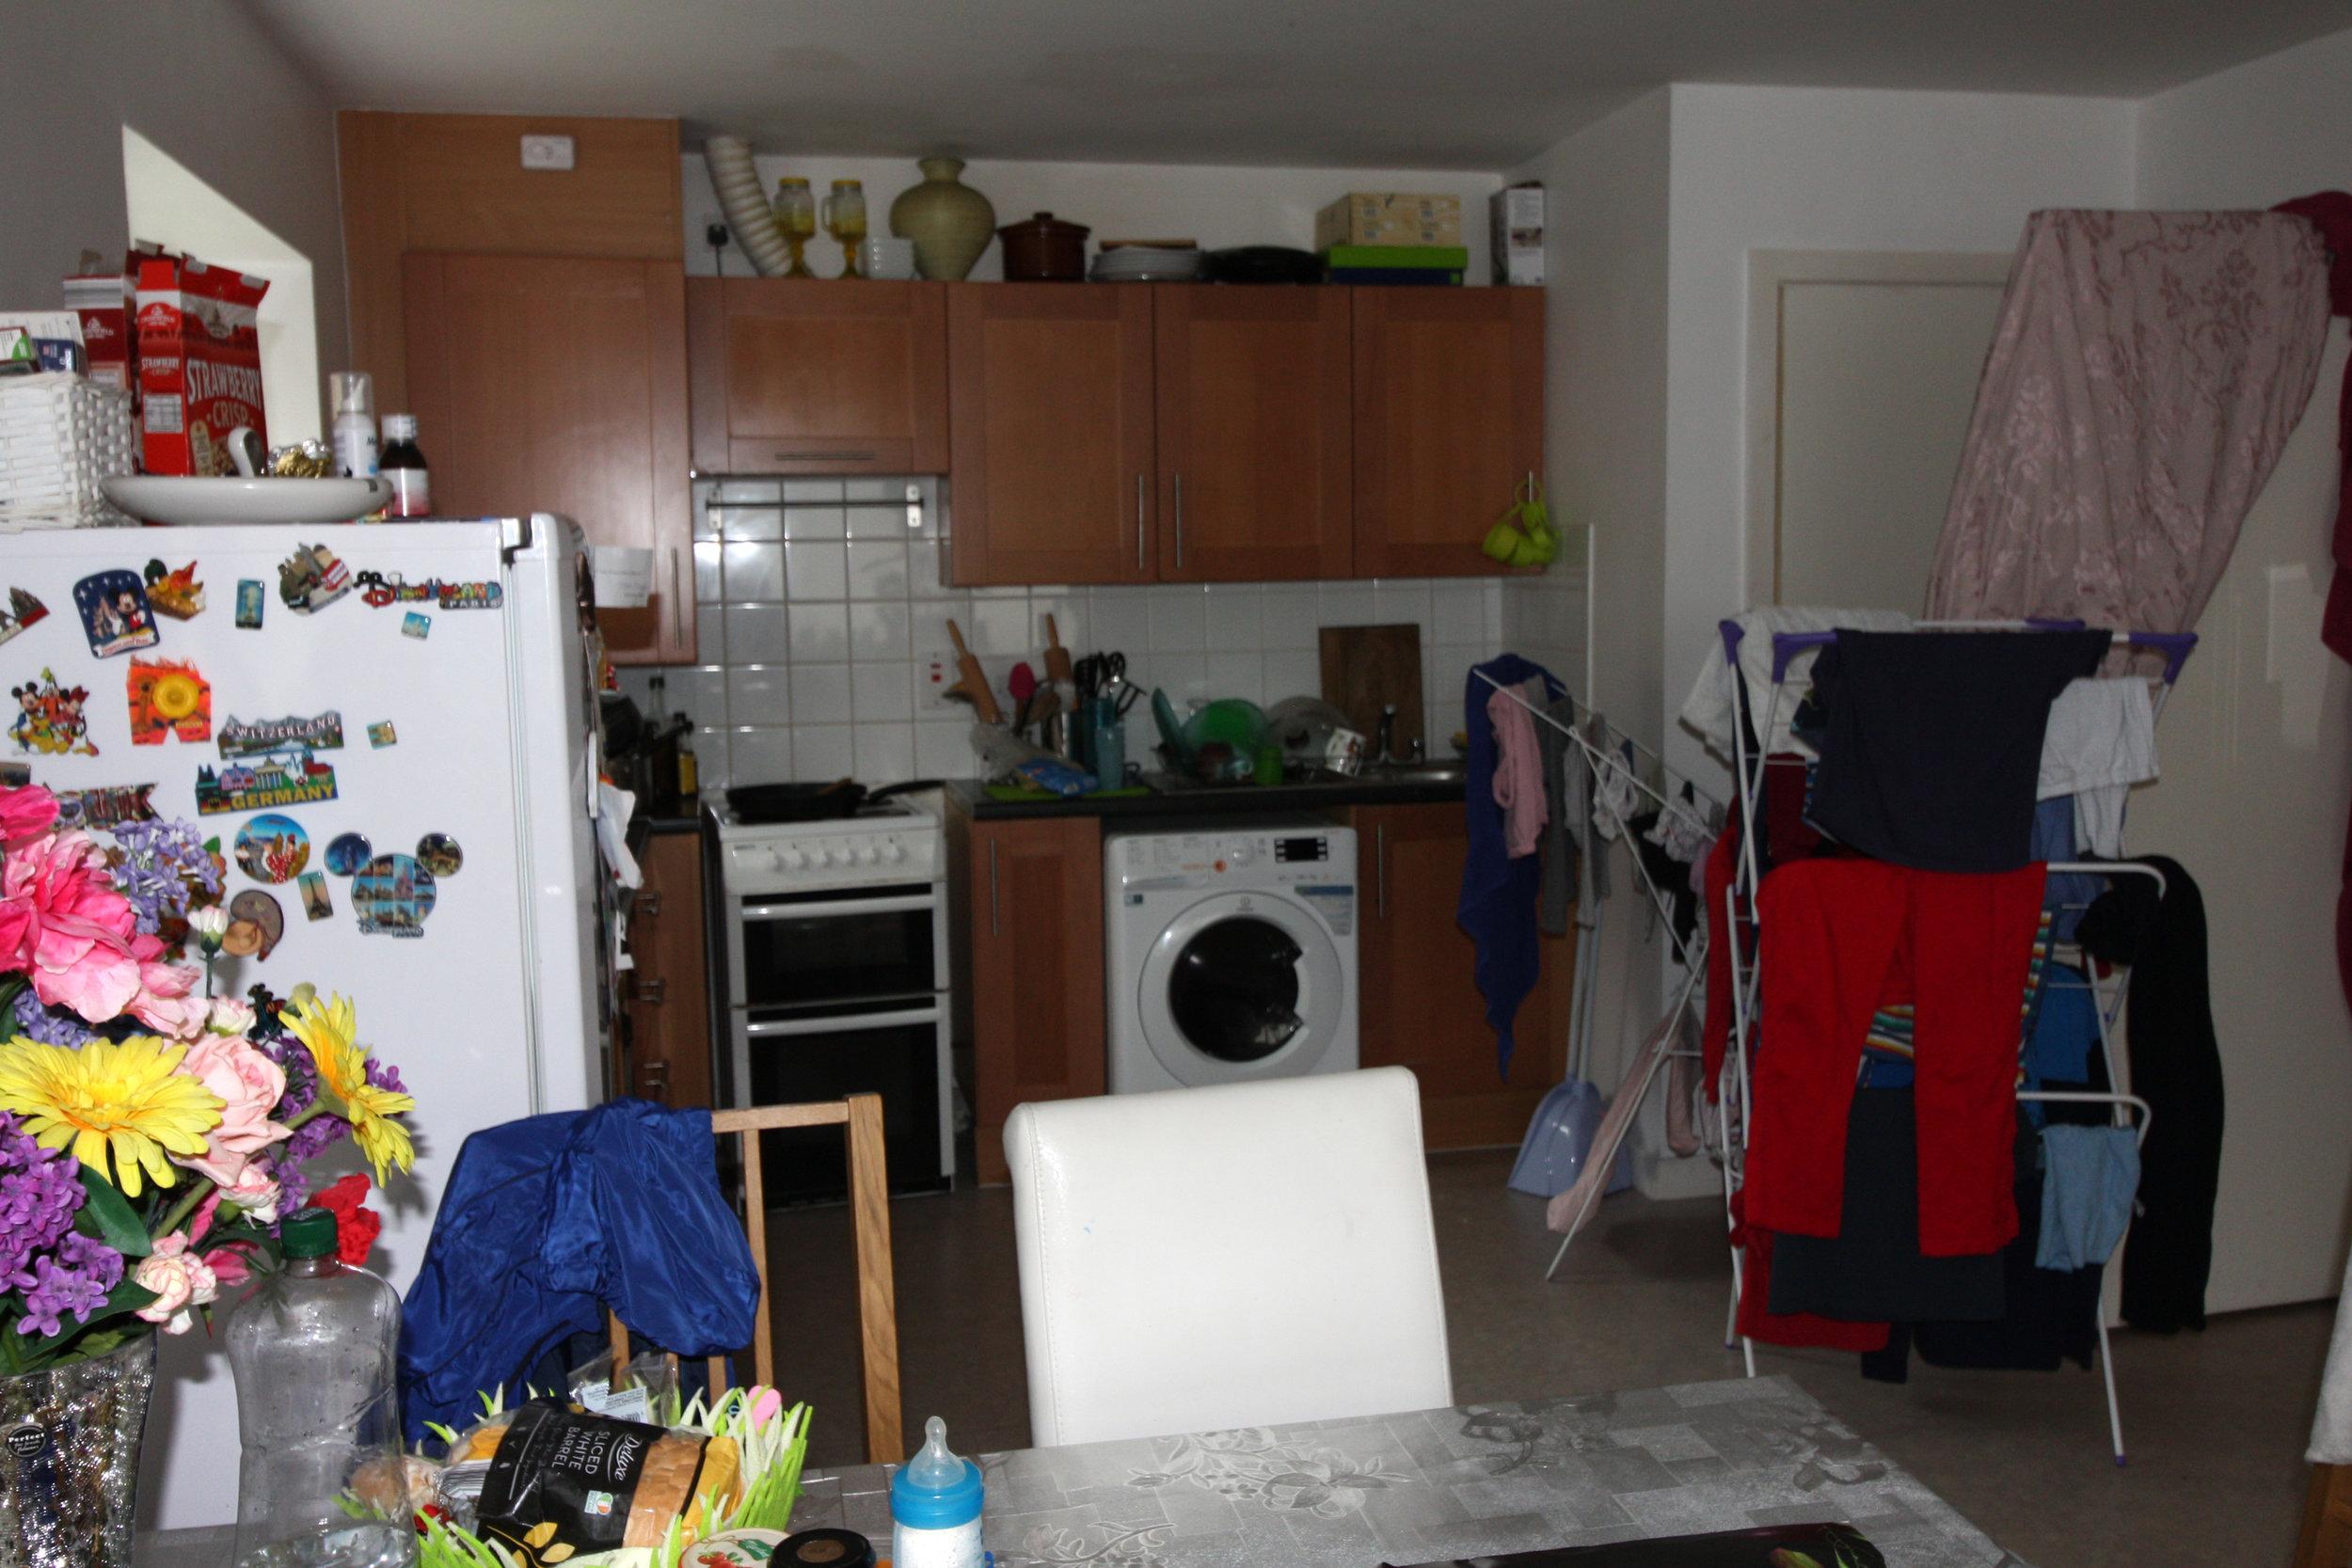 HR - Dublin 1 - Before - Living Room Kitchen 5.jpg